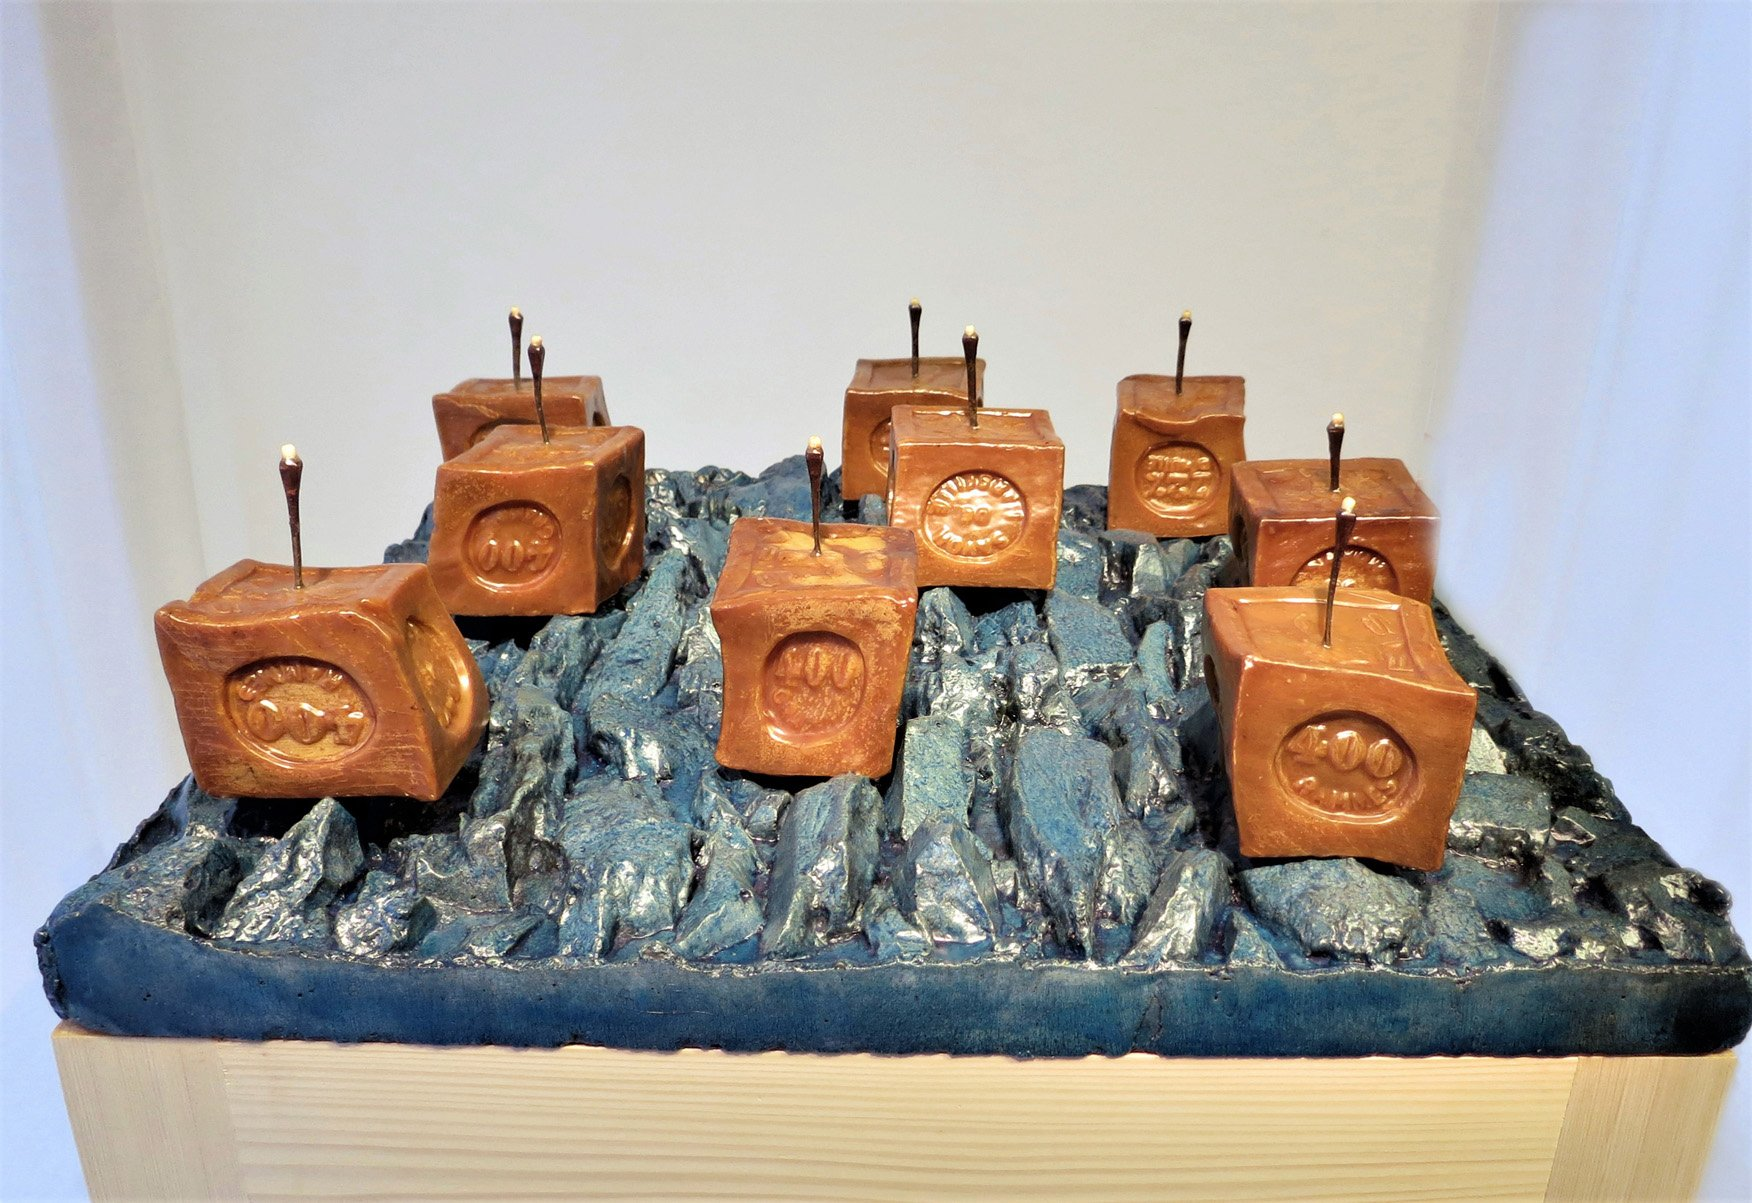 Le manifeste des vagues oeuvre artiste contemporain Kamel Yahiaoui